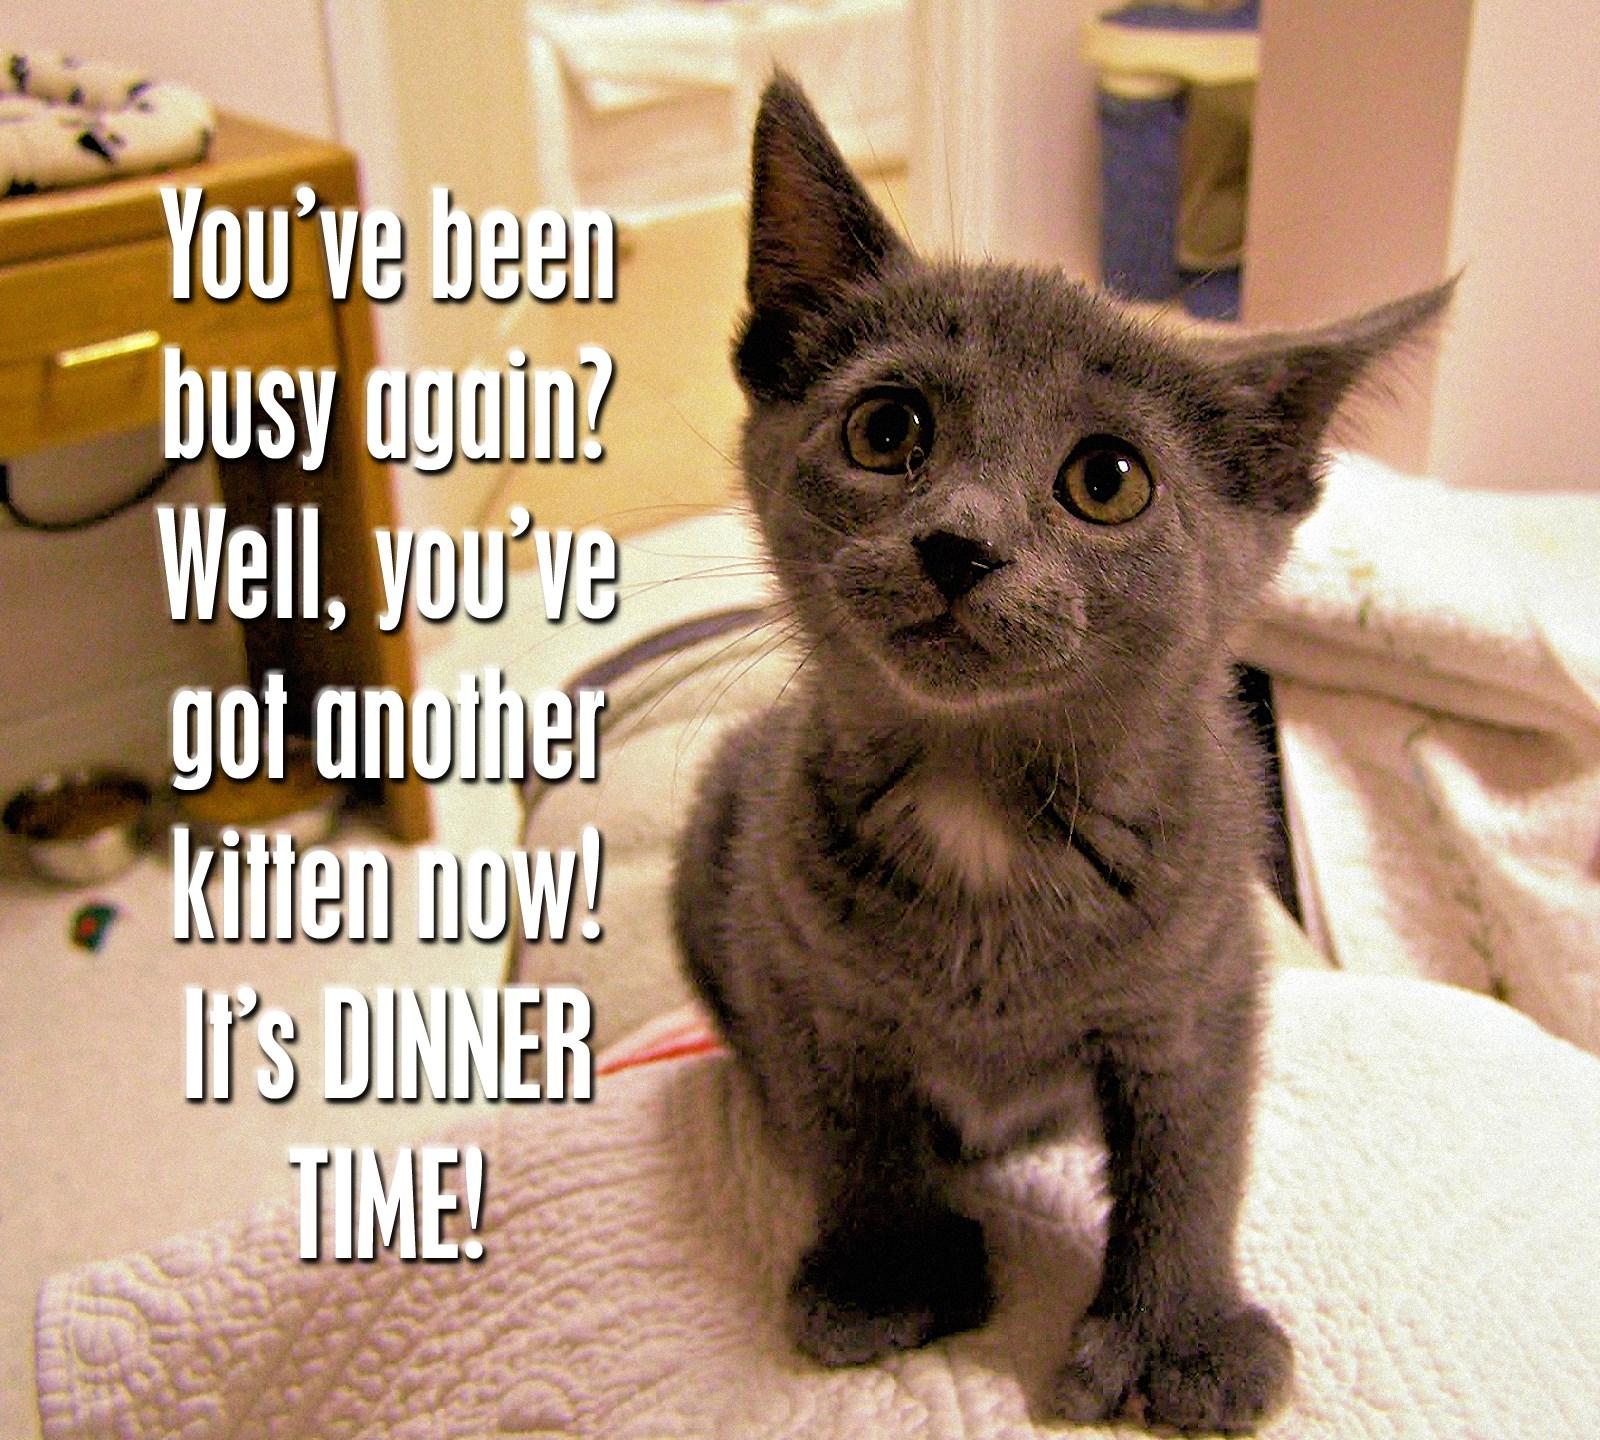 00 kitten 300616